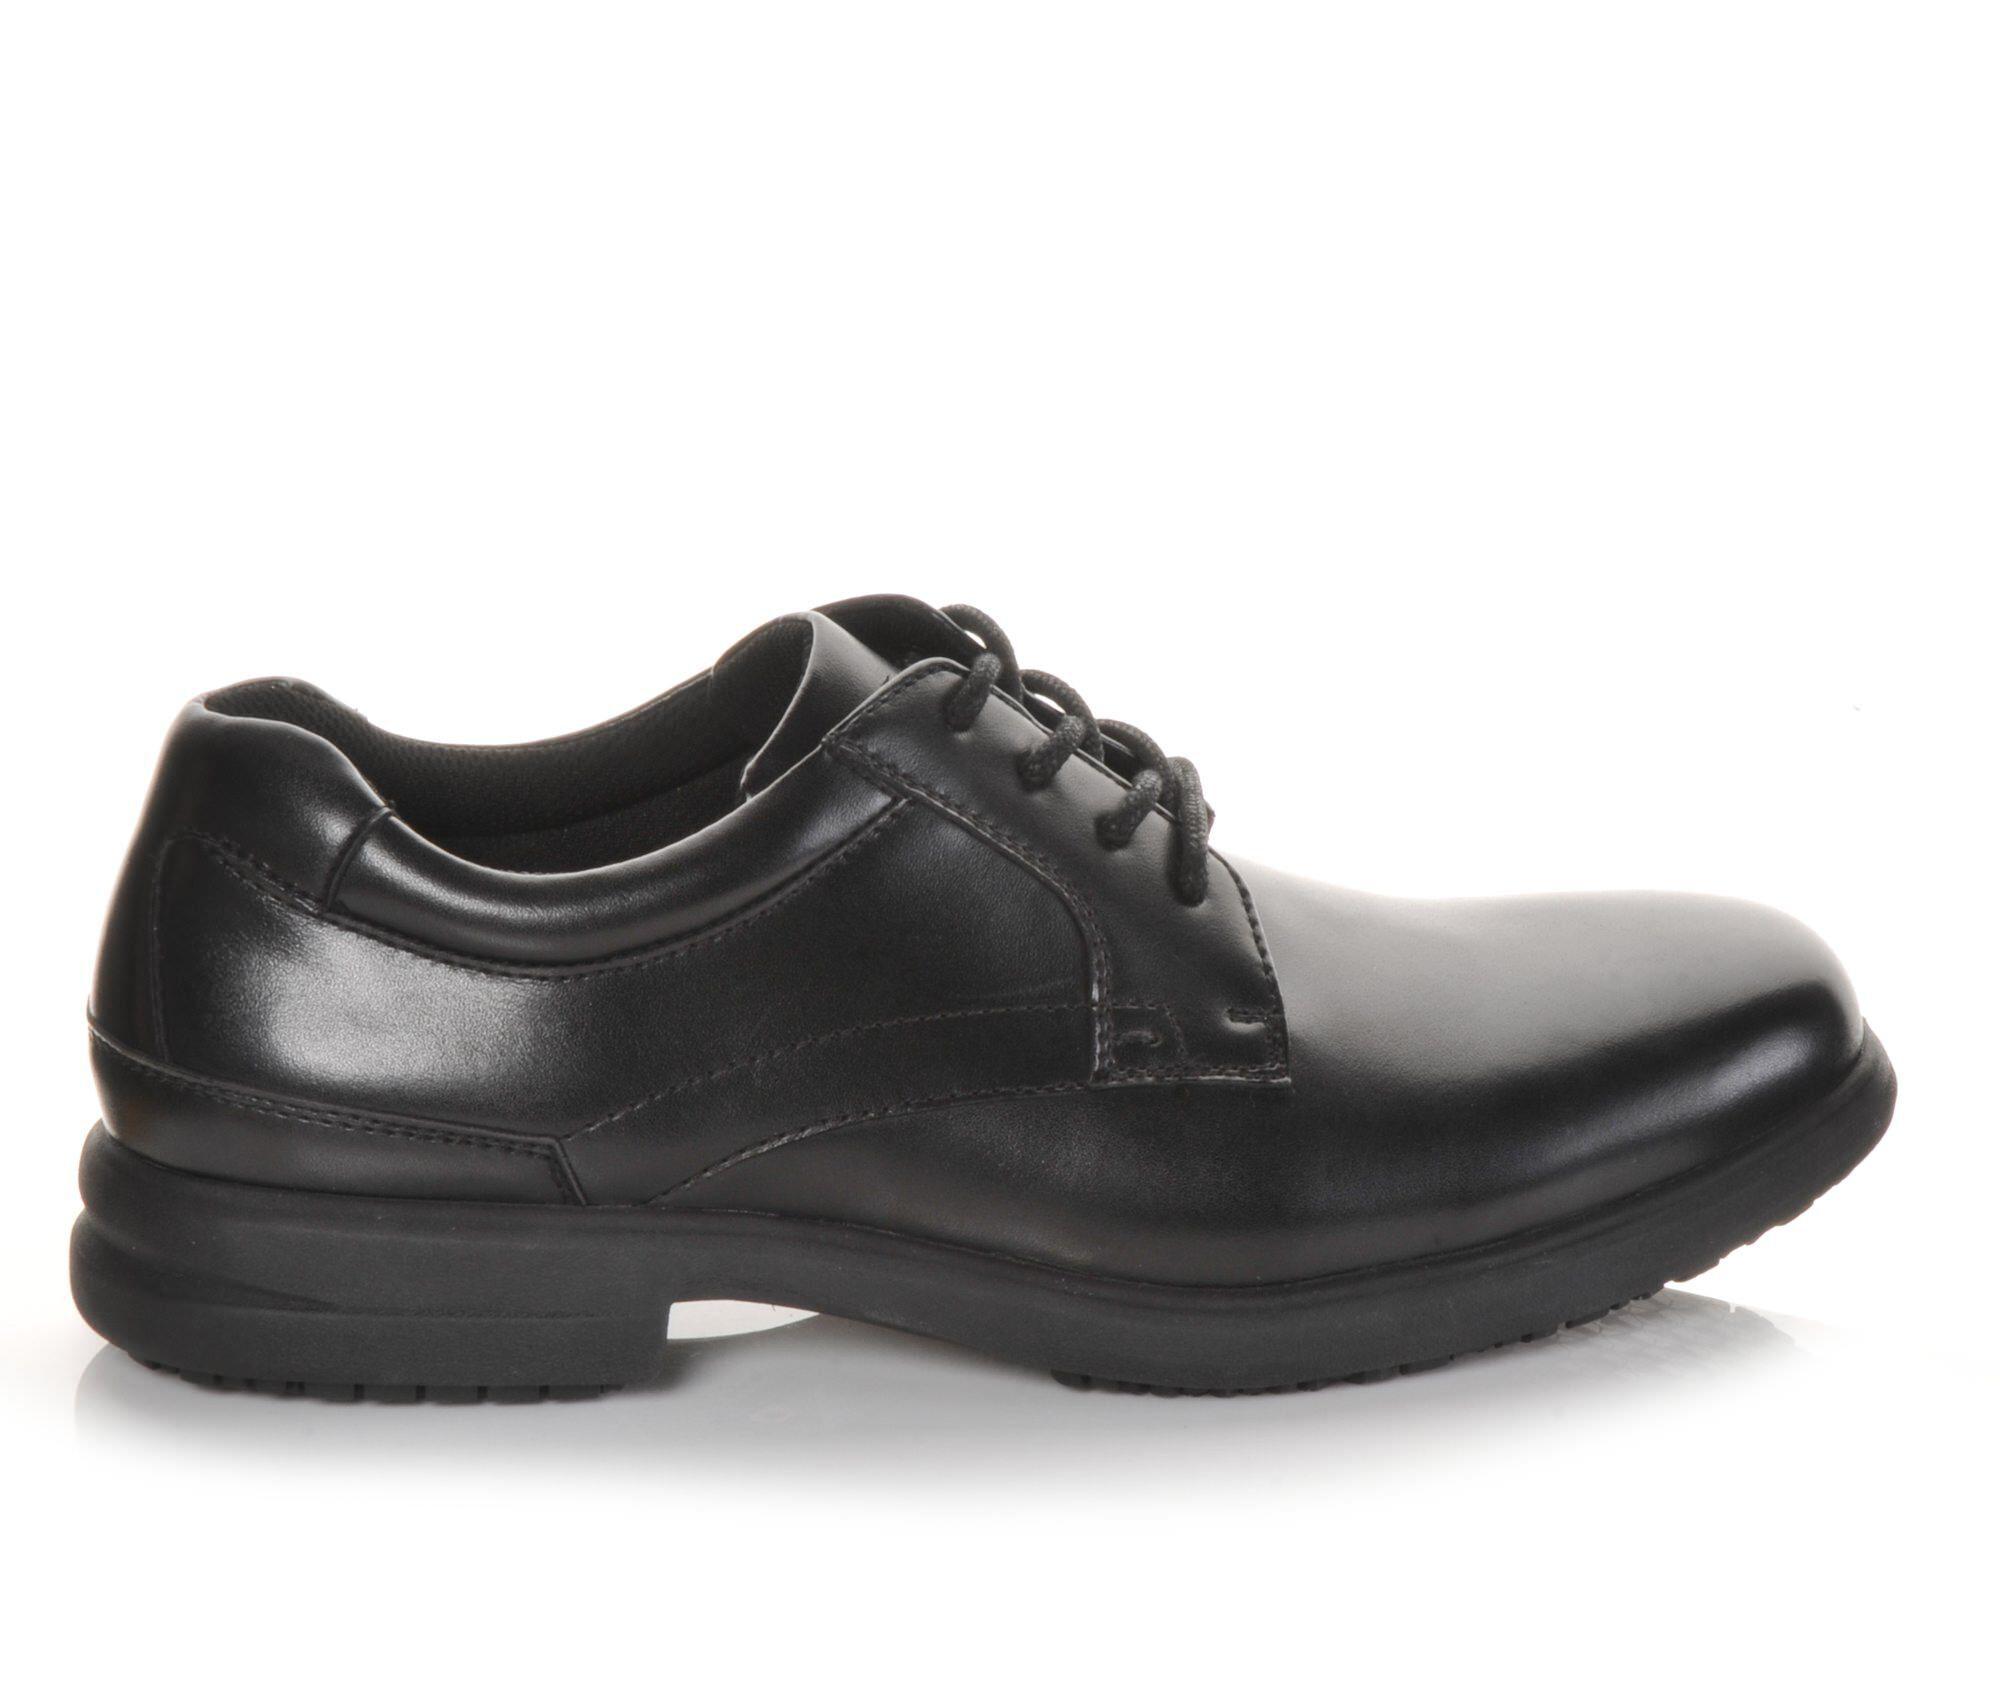 cheap sale big sale exclusive for sale Nunn Bush Sherman Men's Plain ... Toe Slip-Resistant Oxford Shoes really online buy cheap largest supplier XruJcxR